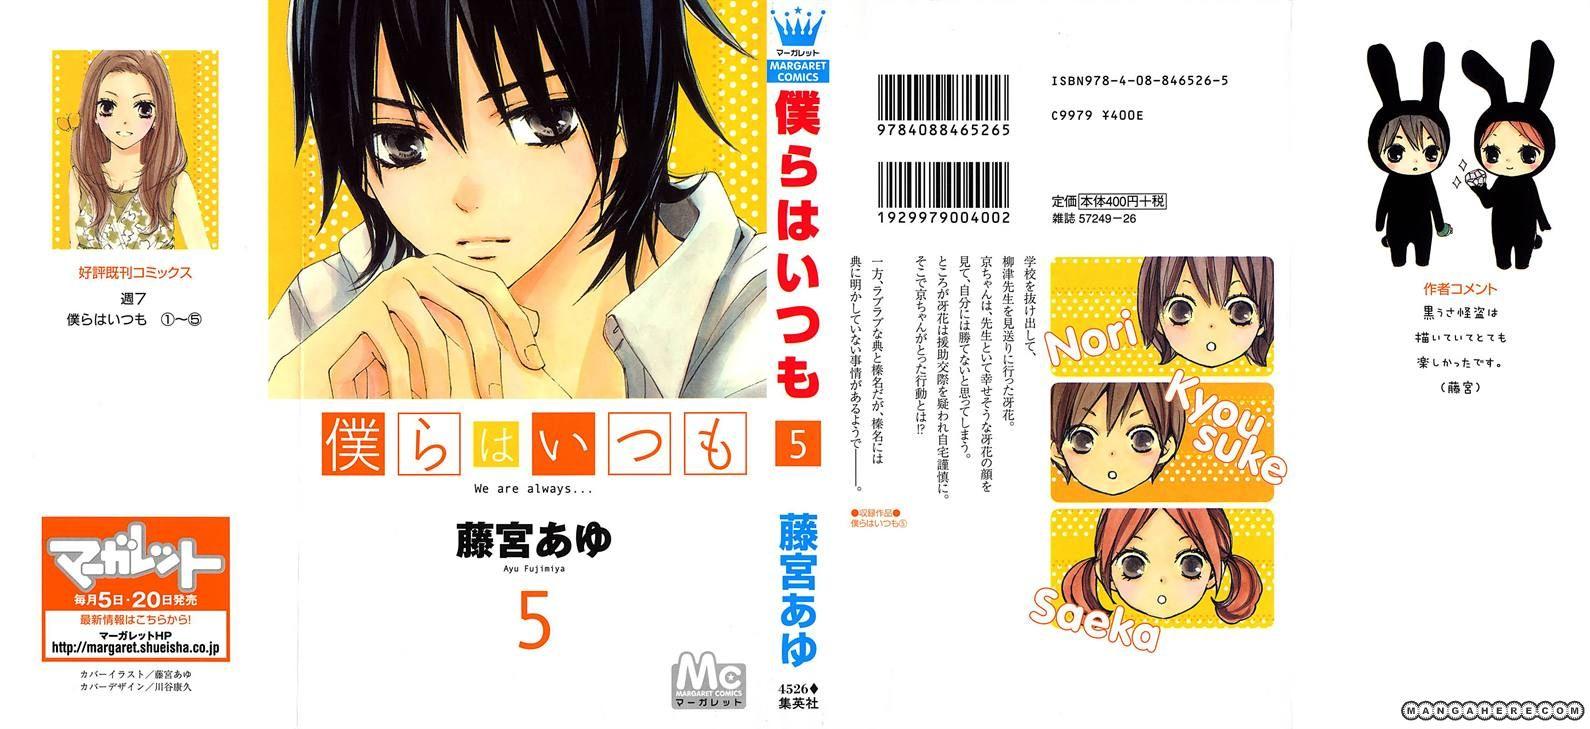 Bokura wa Itsumo 24 Page 2